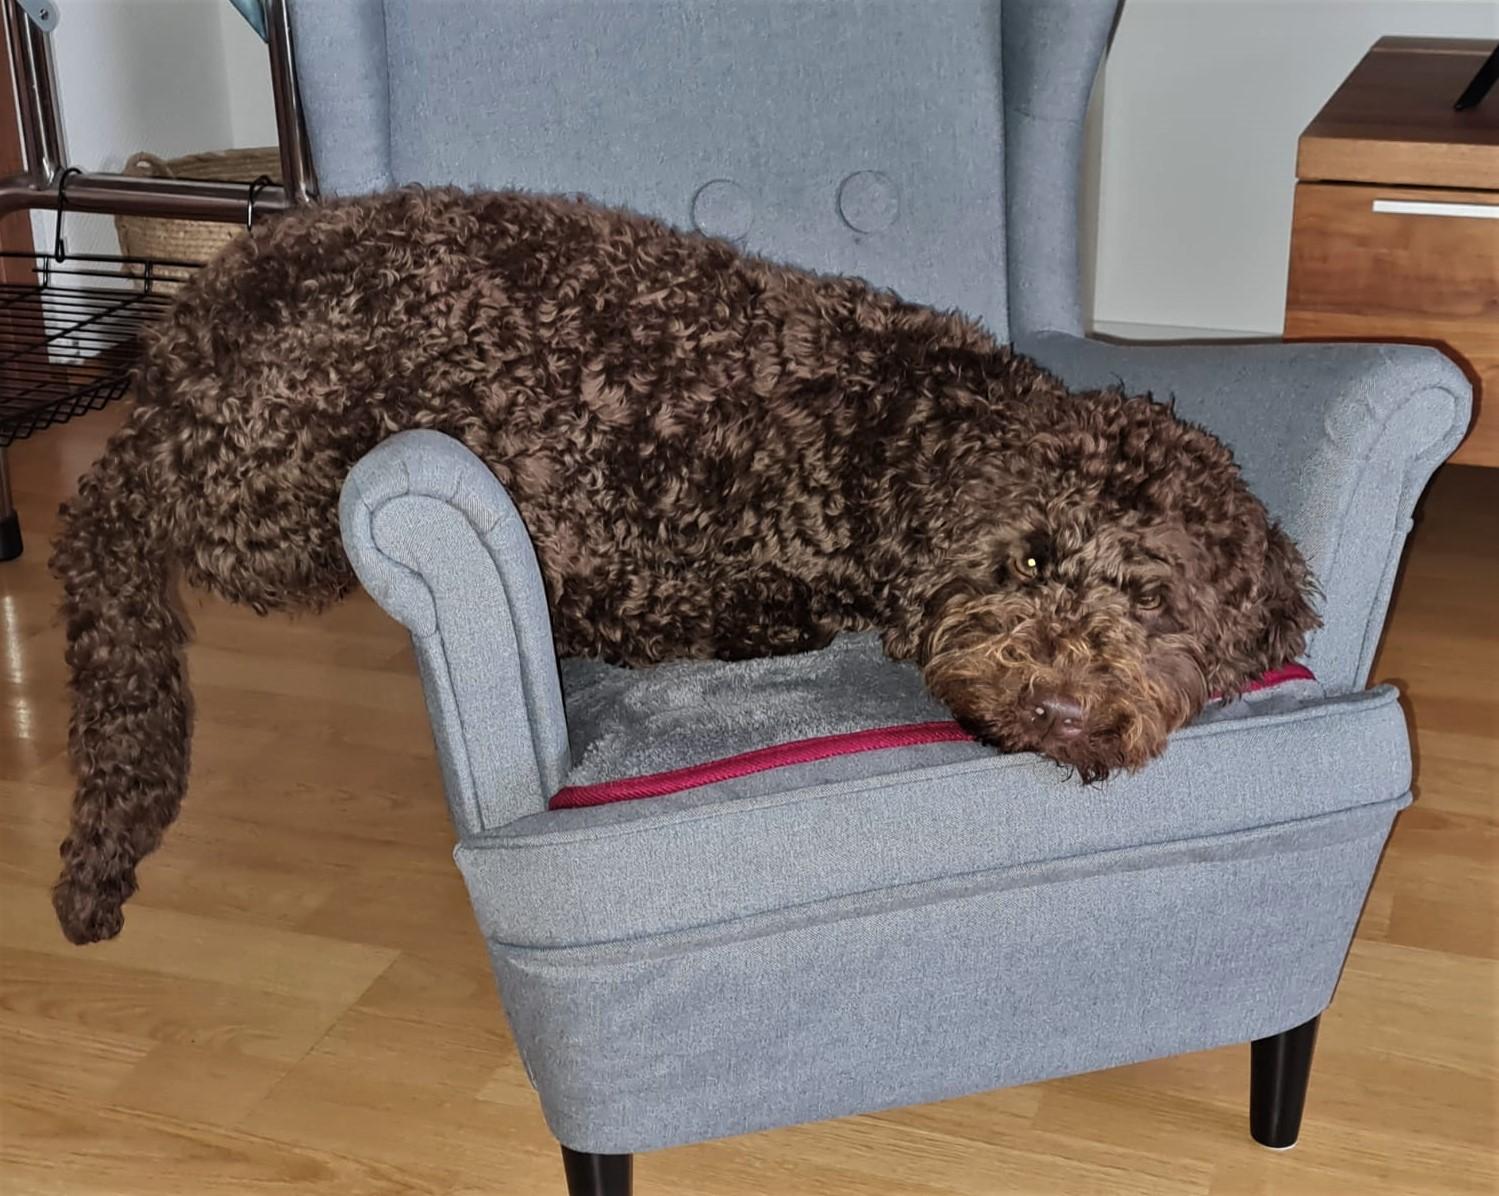 Maggy´s Sessel gefällt mir viel besser ...